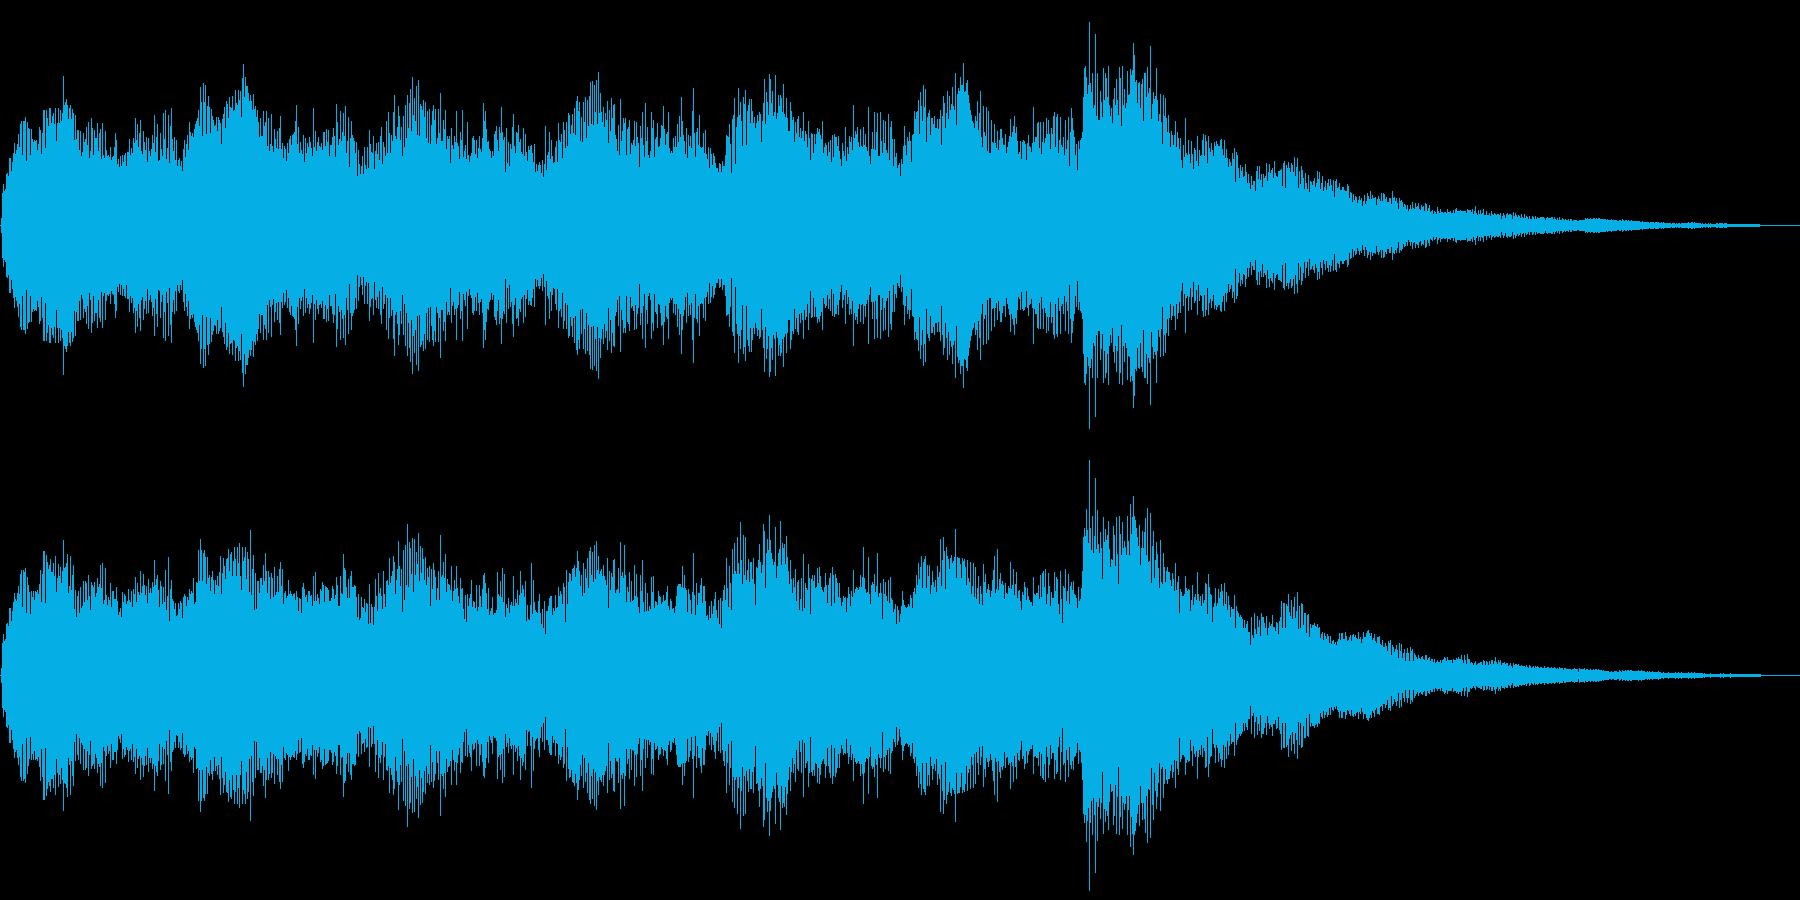 着メロのようなジングル、サウンドロゴの再生済みの波形